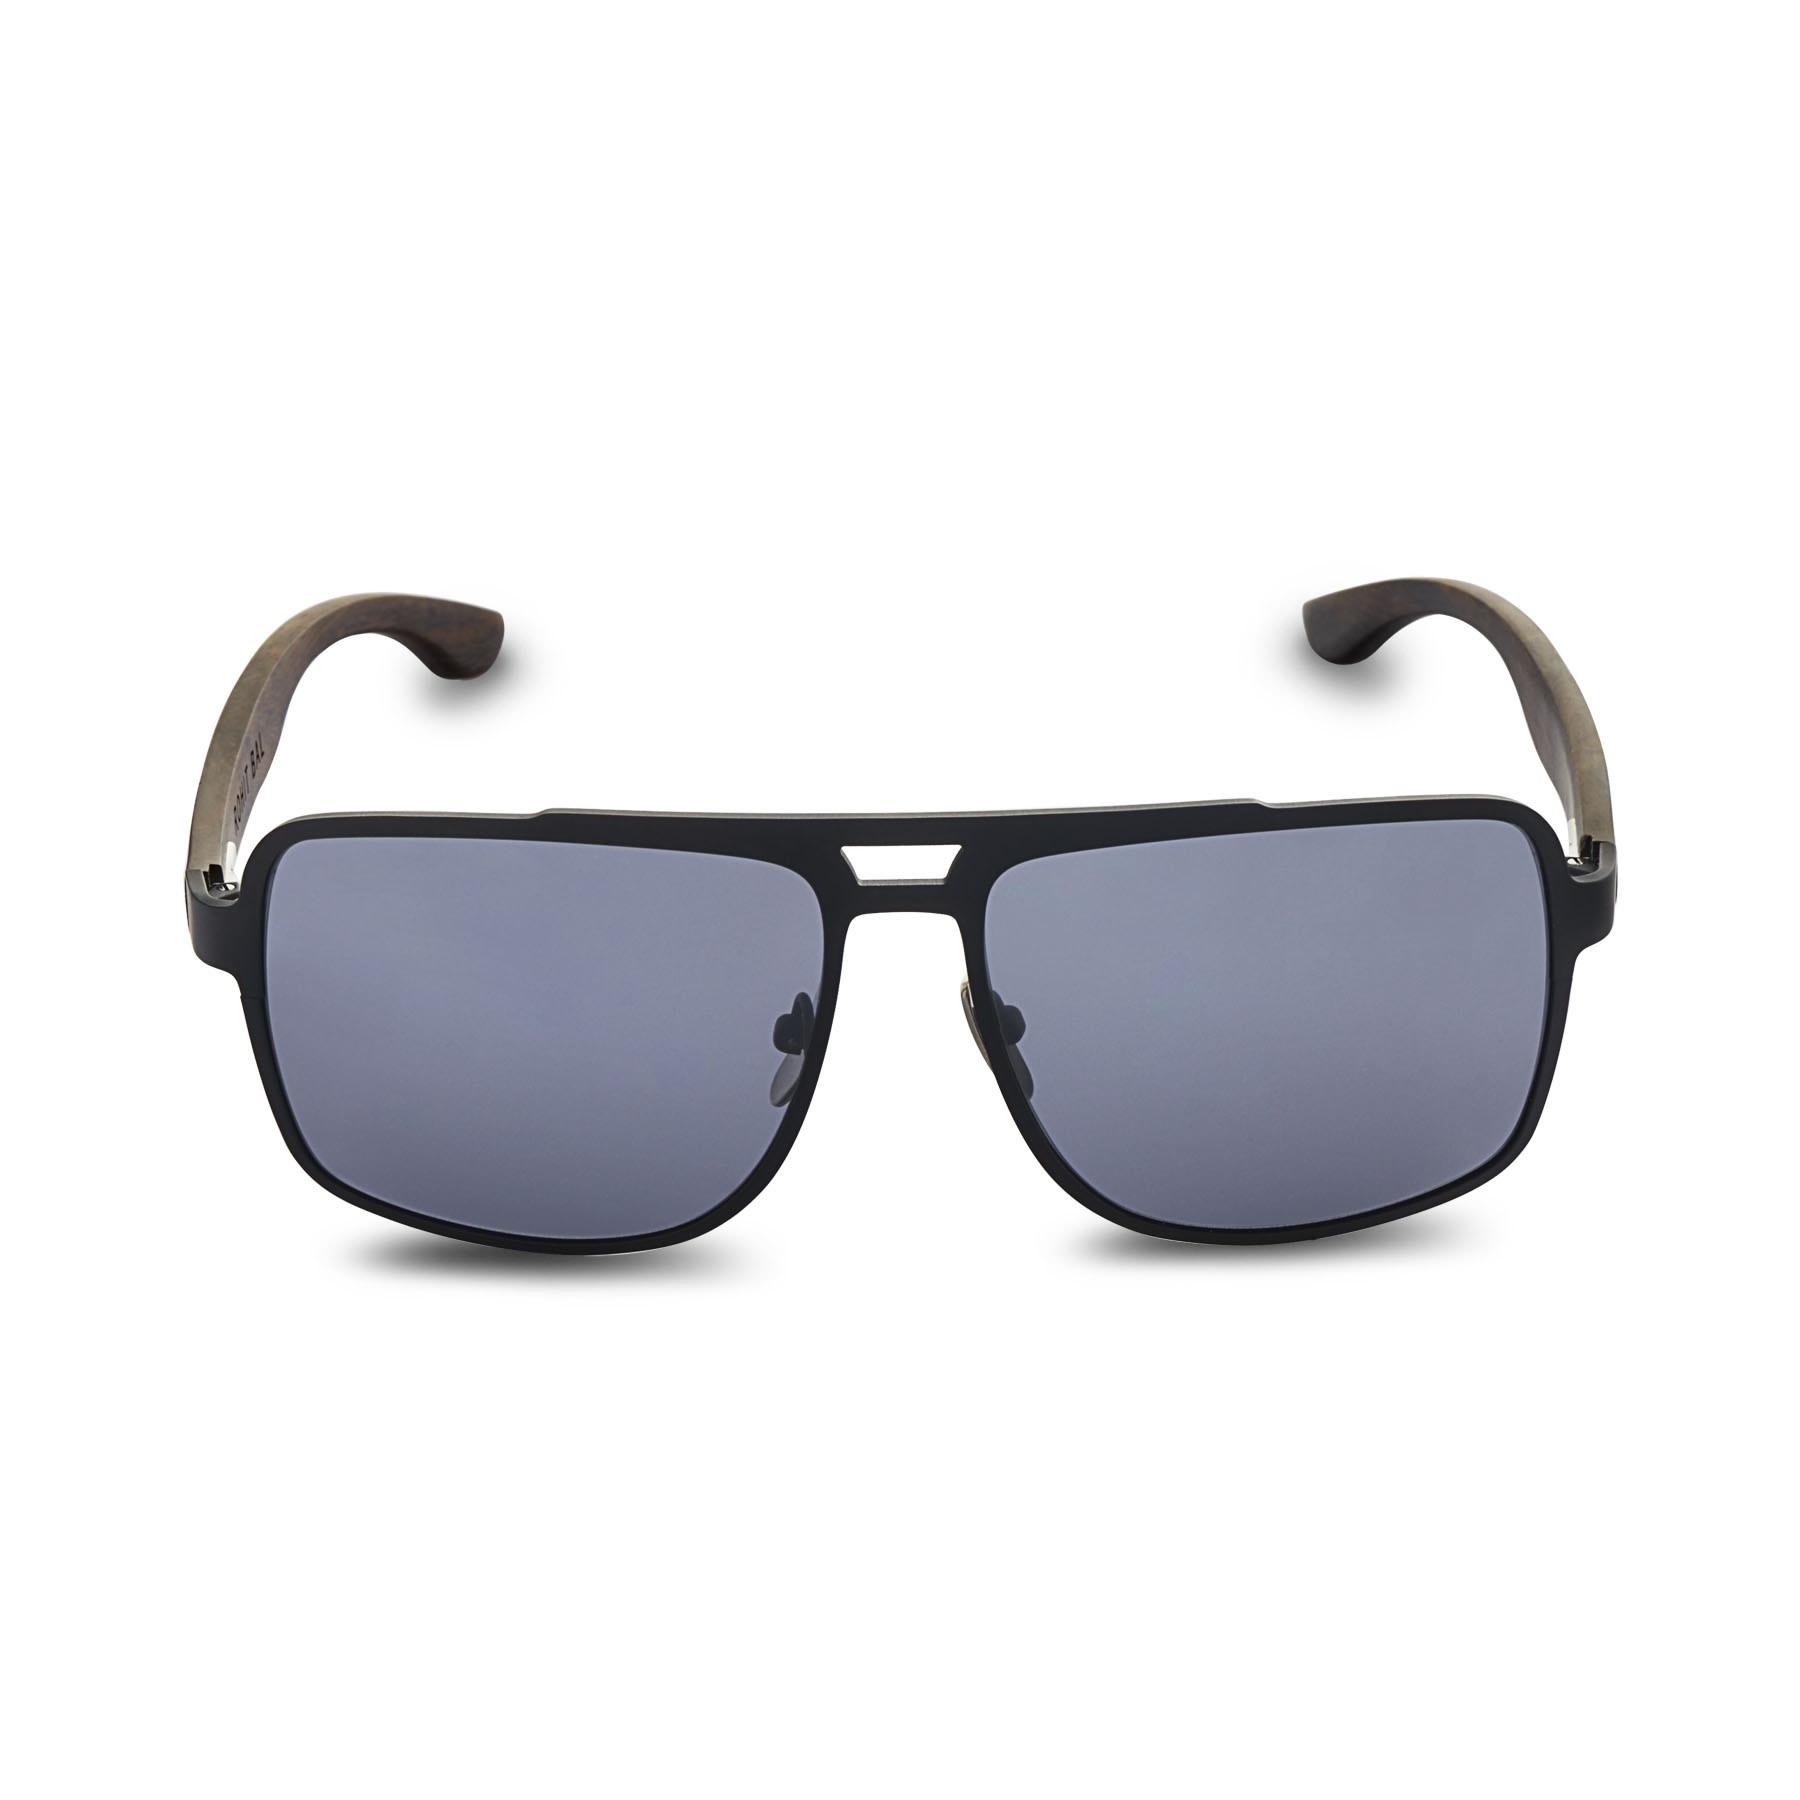 881de21b98 Rohit Bal Double Bridge Sunglasses for Men